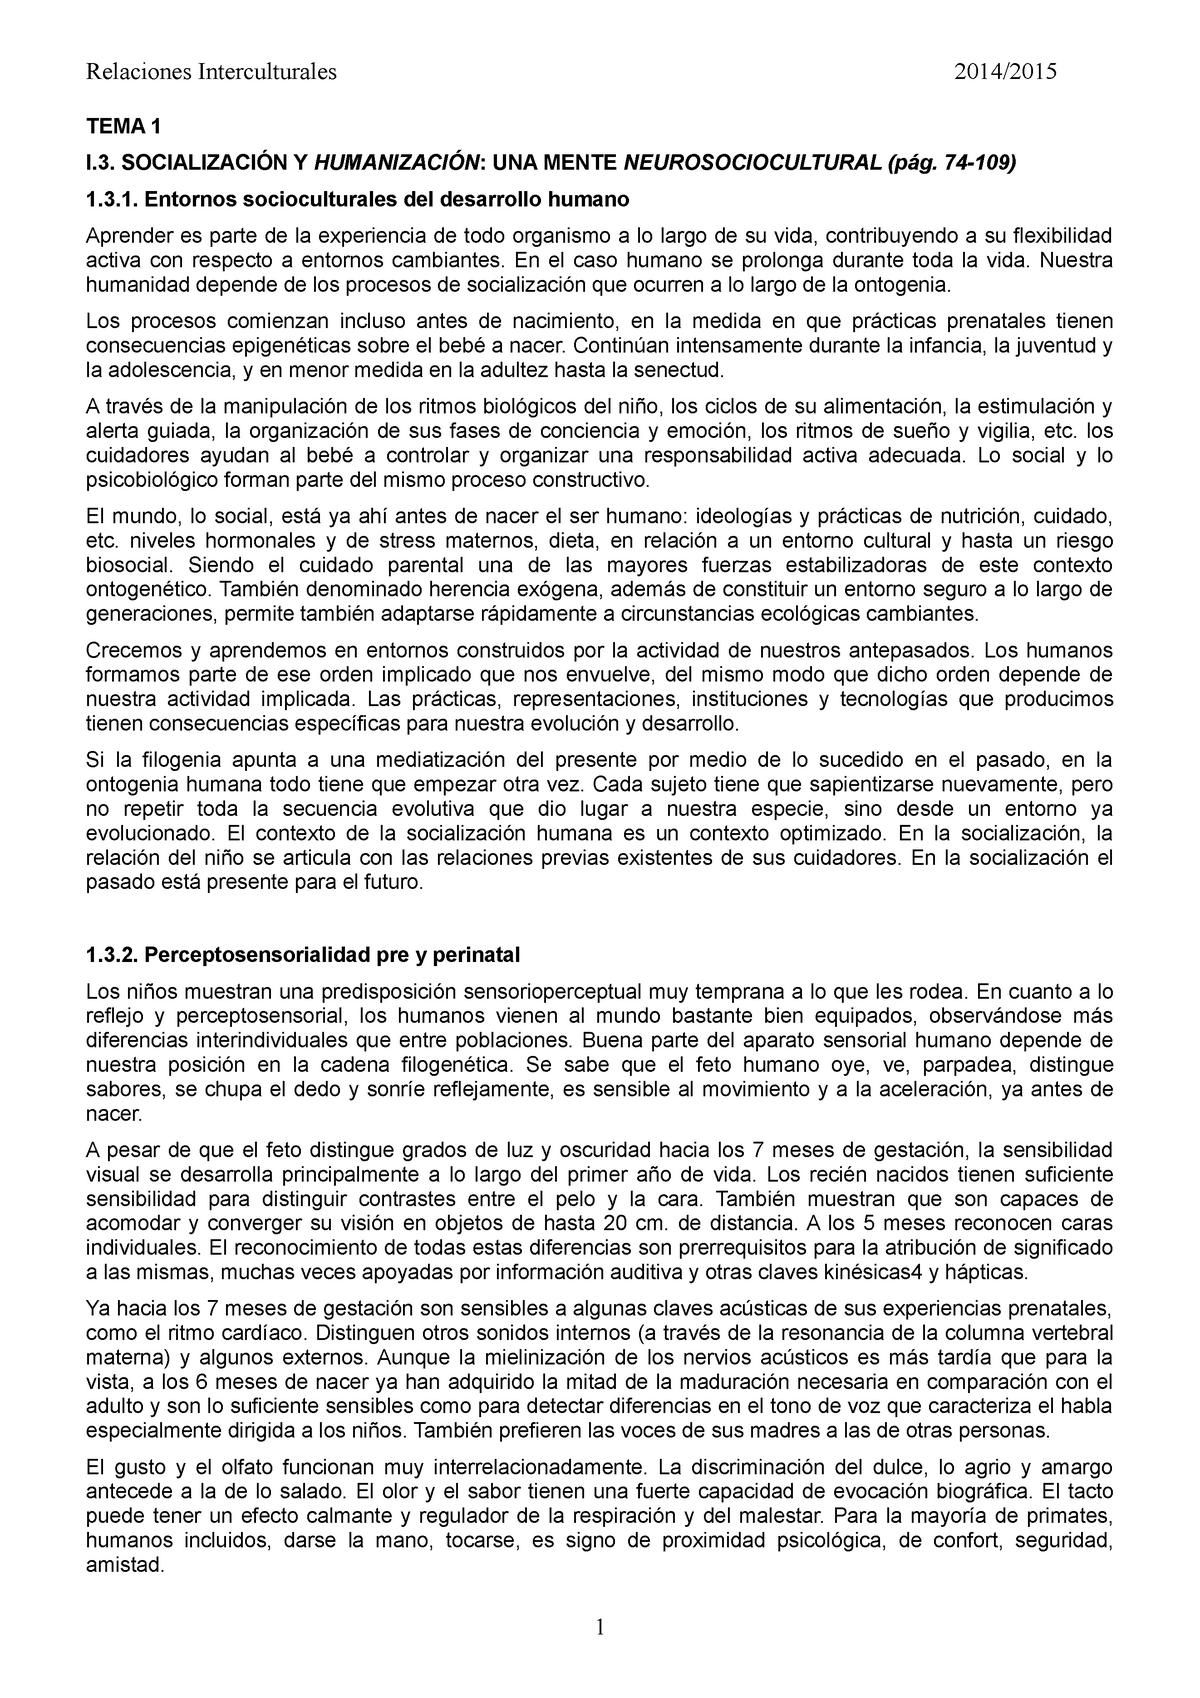 Relaciones Interculturales Antropología Social 01613044